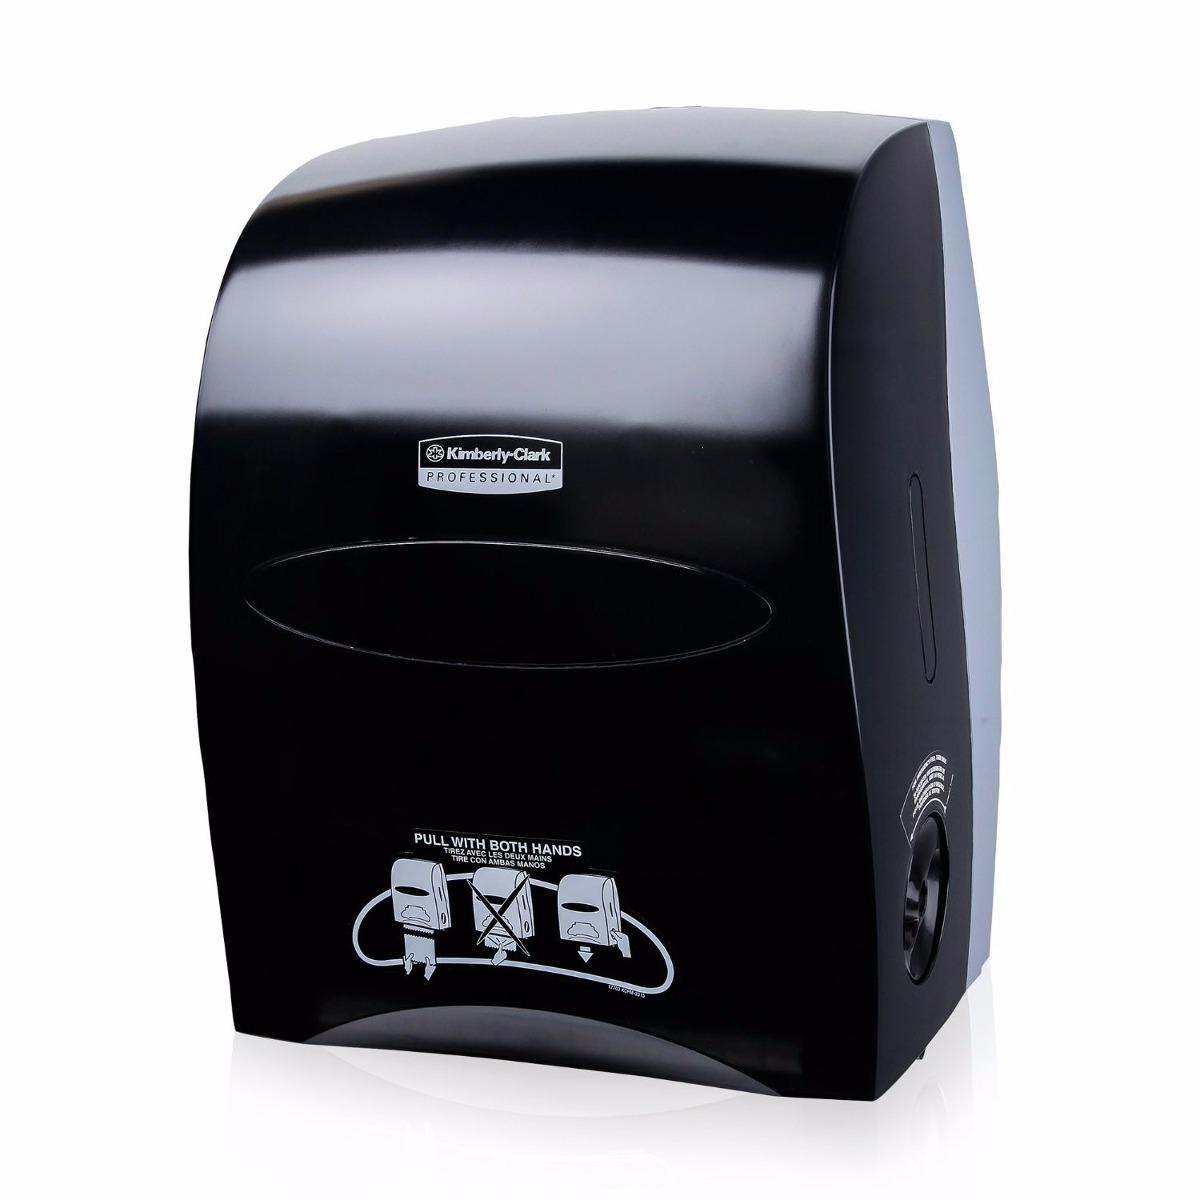 Dispensador de papel higienico para ba o kimberly clark for Accesorios para bano papel higienico